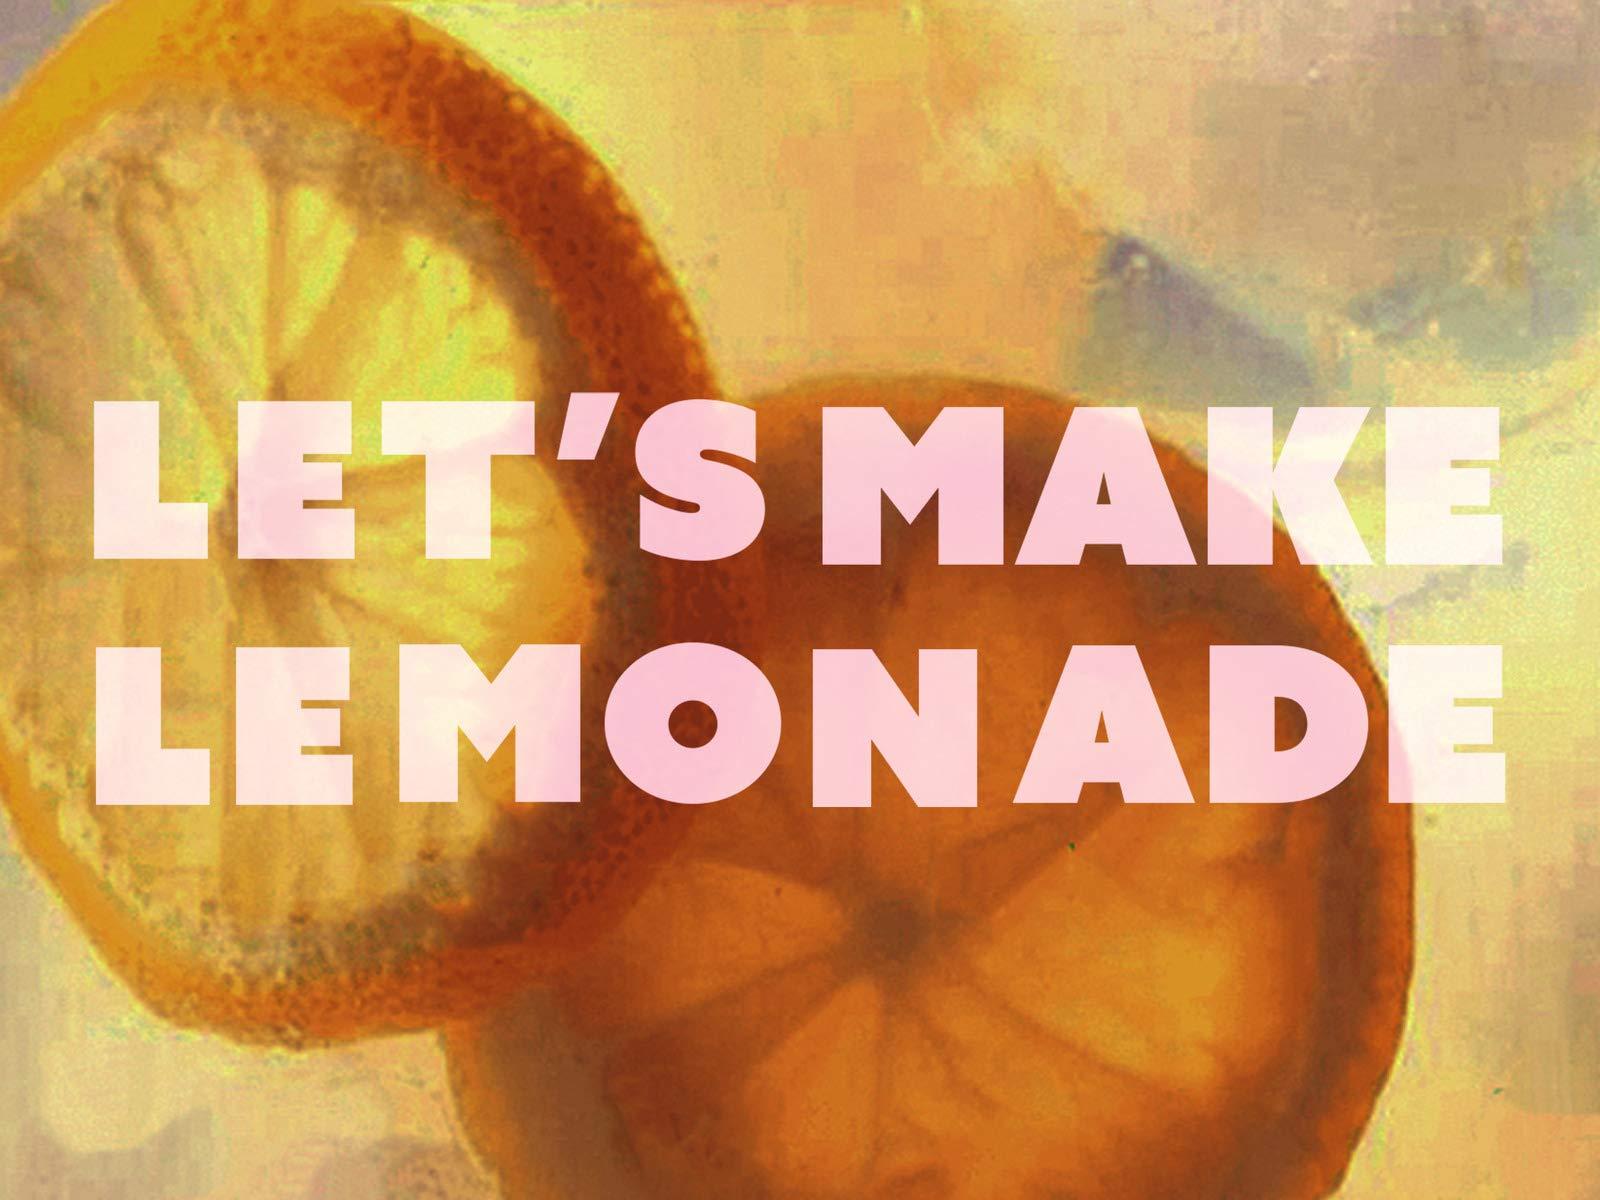 Clip: Let's Make Lemonade - Season 1